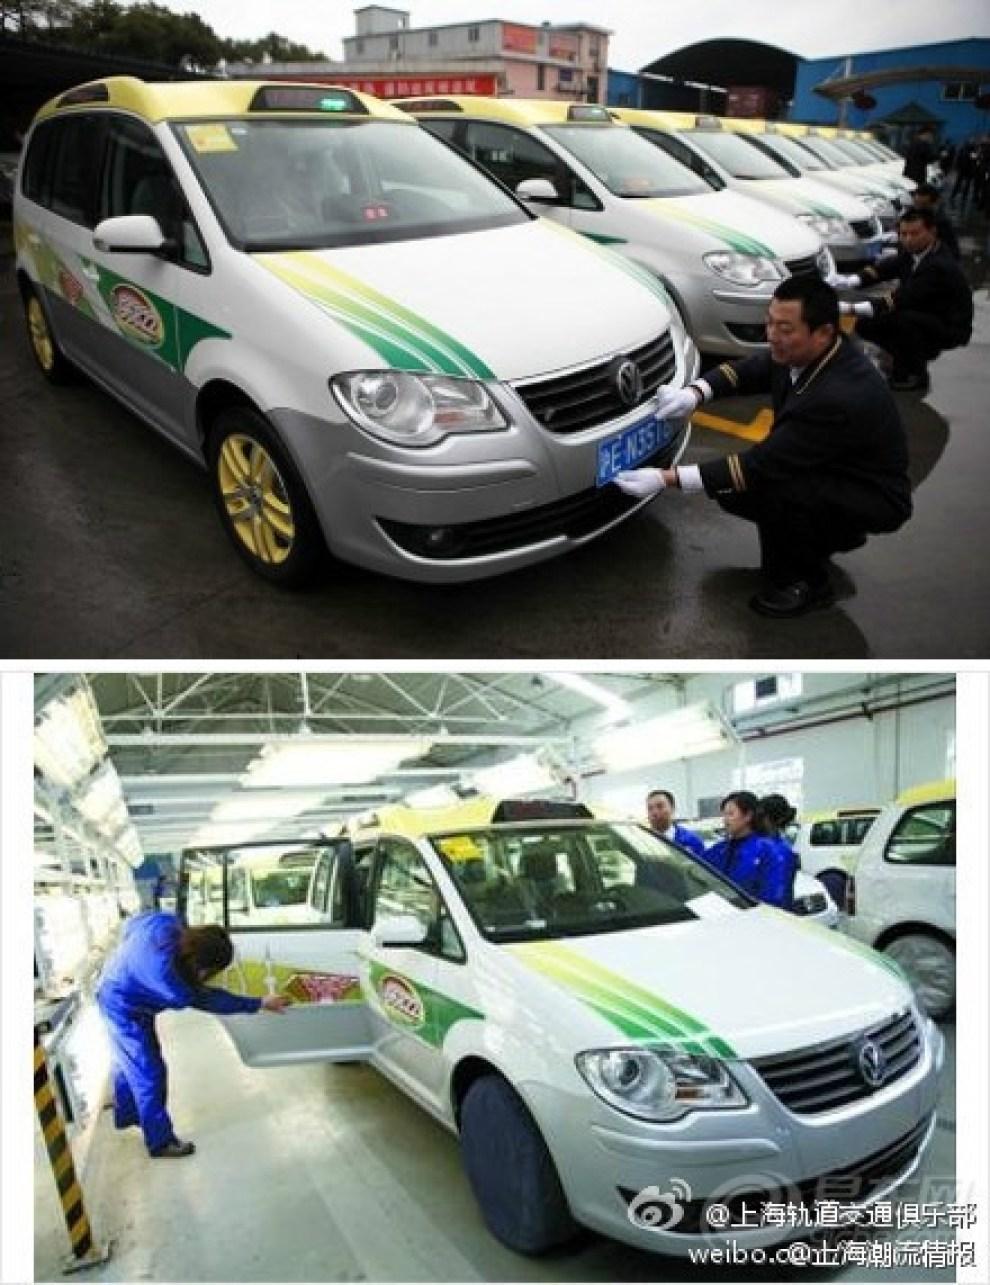 上海世博的途安出租车,要提前退役了 高清图片